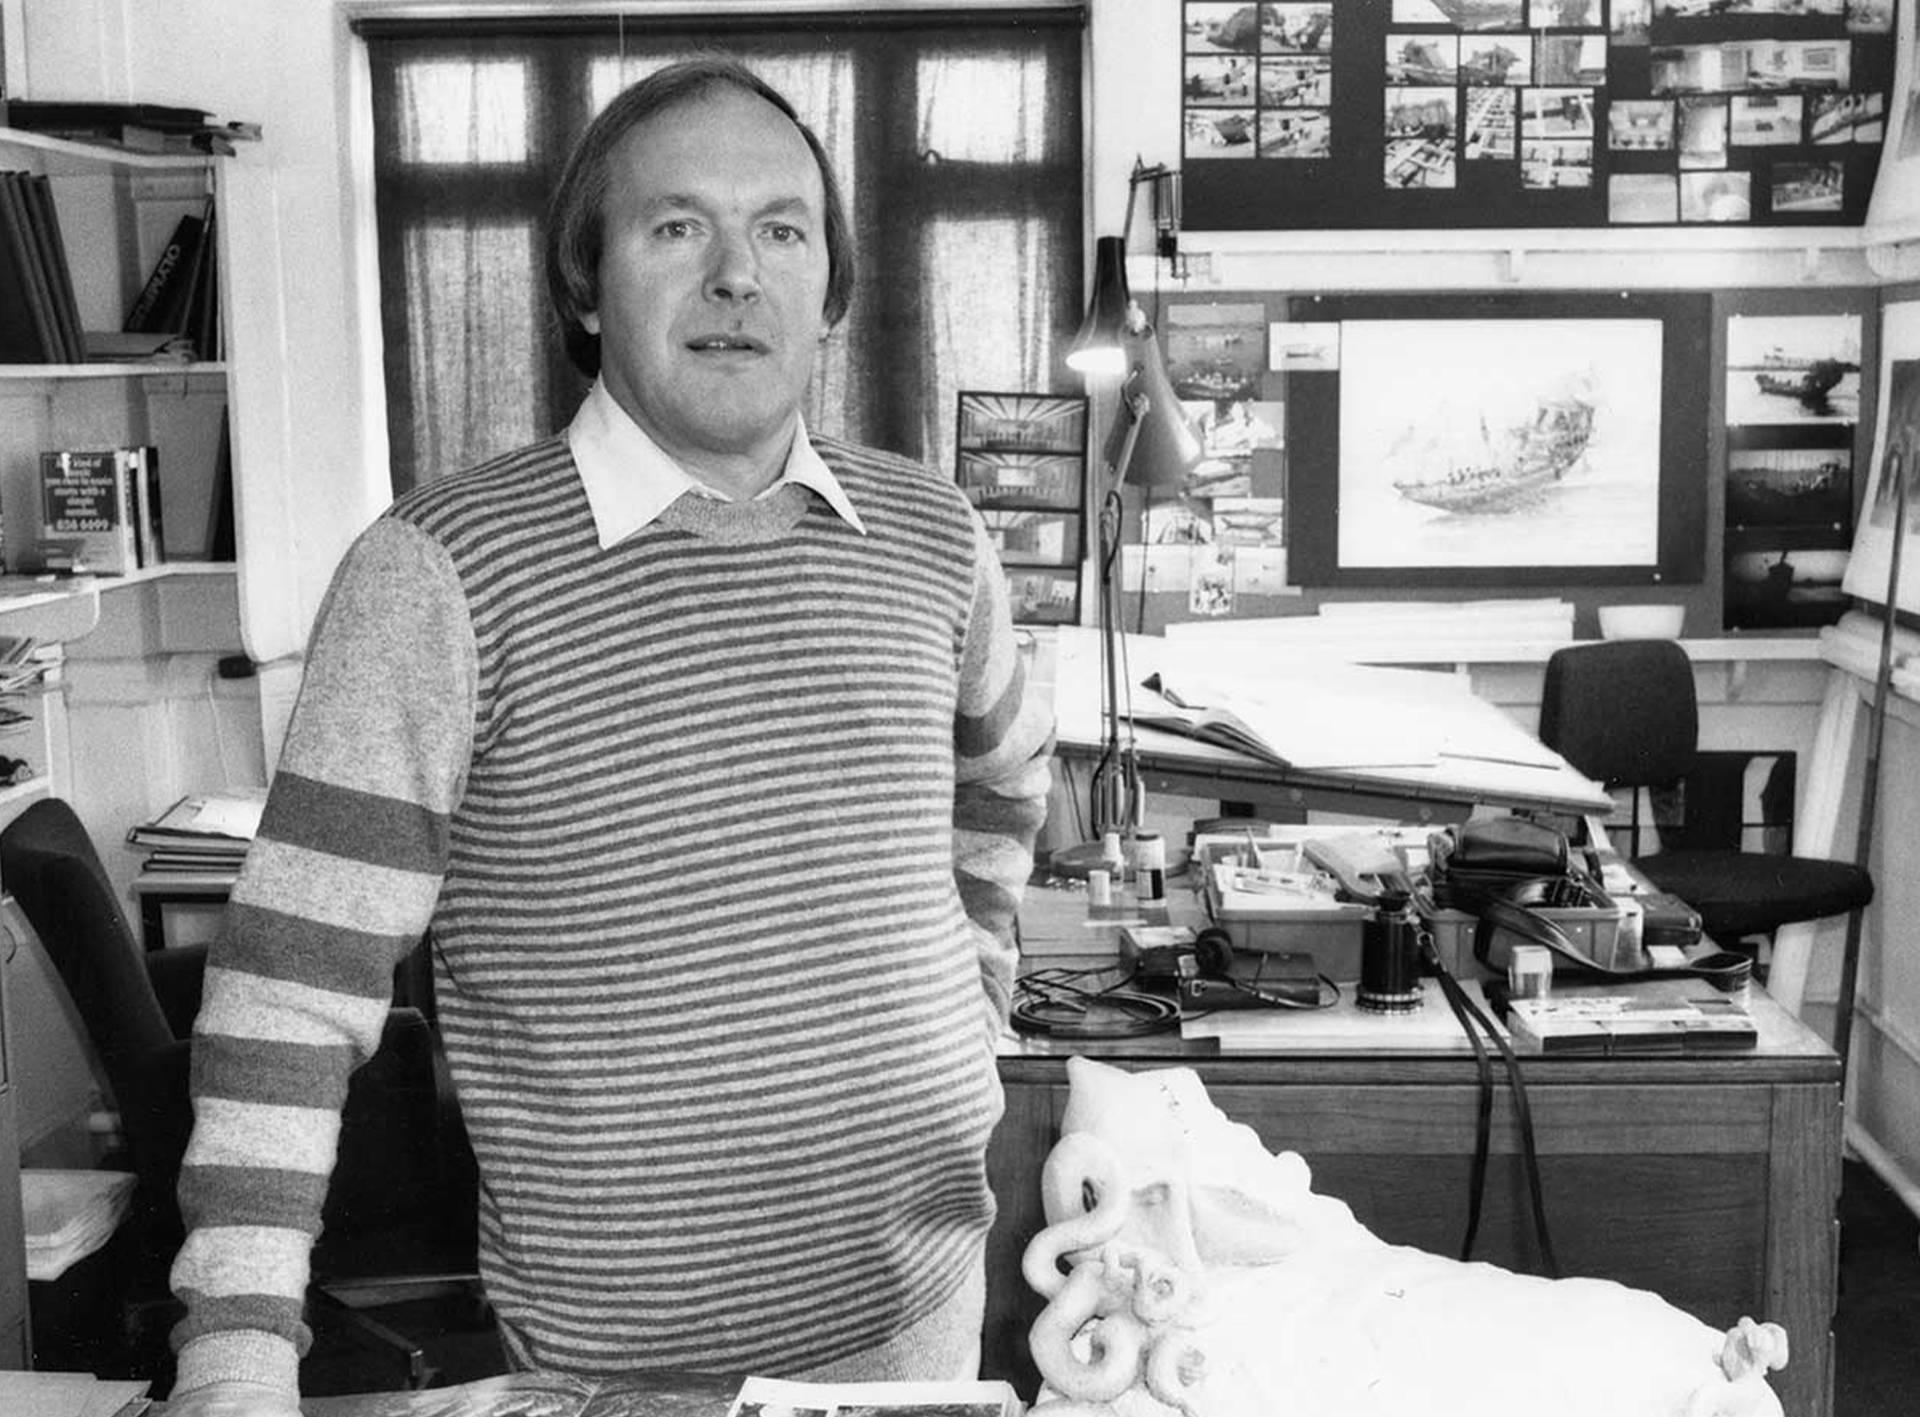 Peter Lamont, leggendario scenografo di Titanic, ci lascia a 91 anni